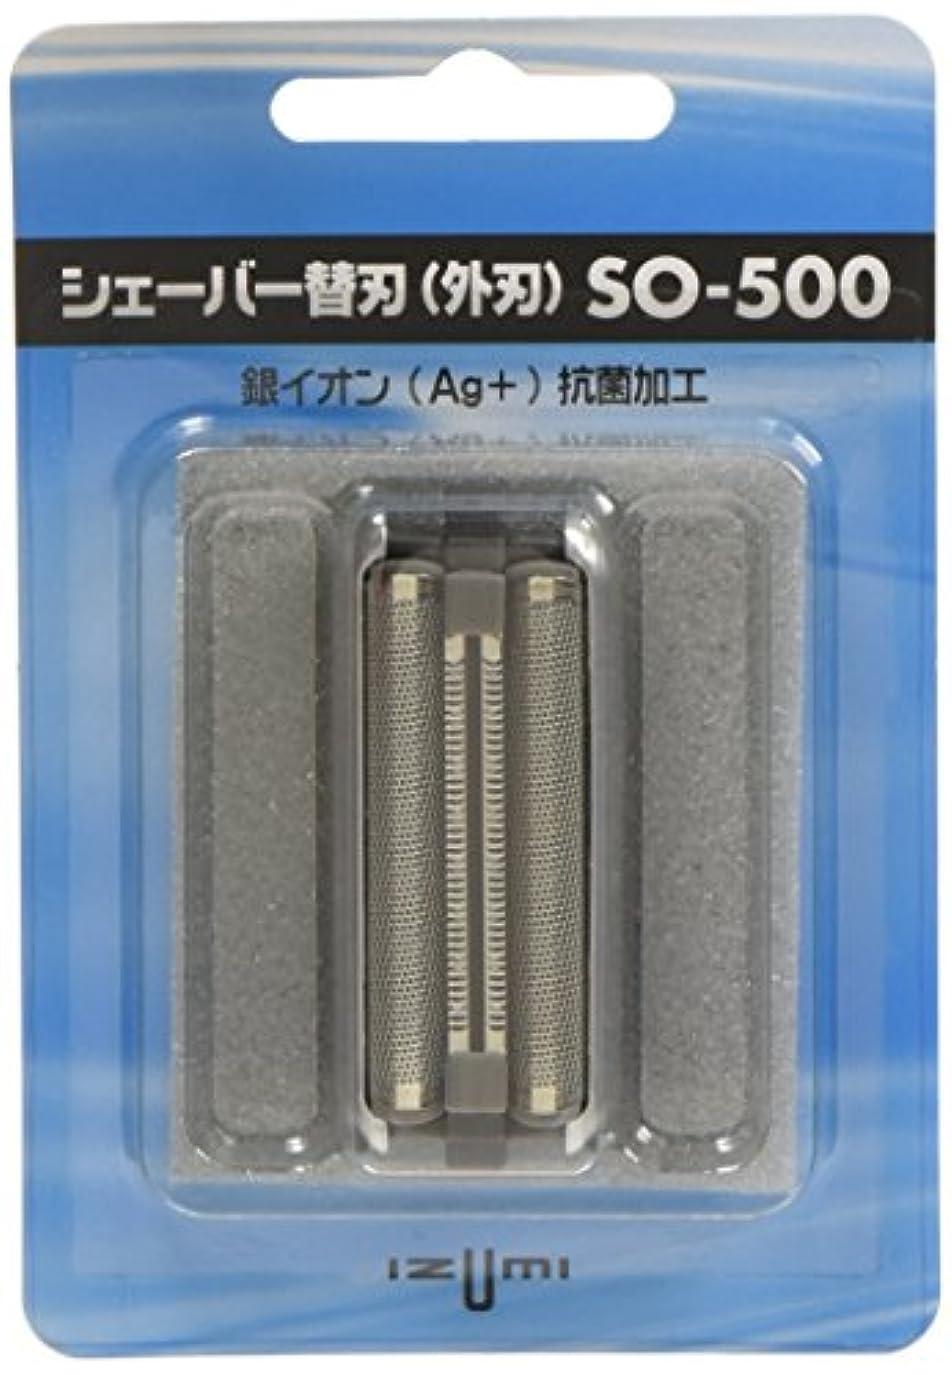 先神経霧IZUMI(泉精器製作所) 往復式シェーバー用外刃 替刃 SO-500